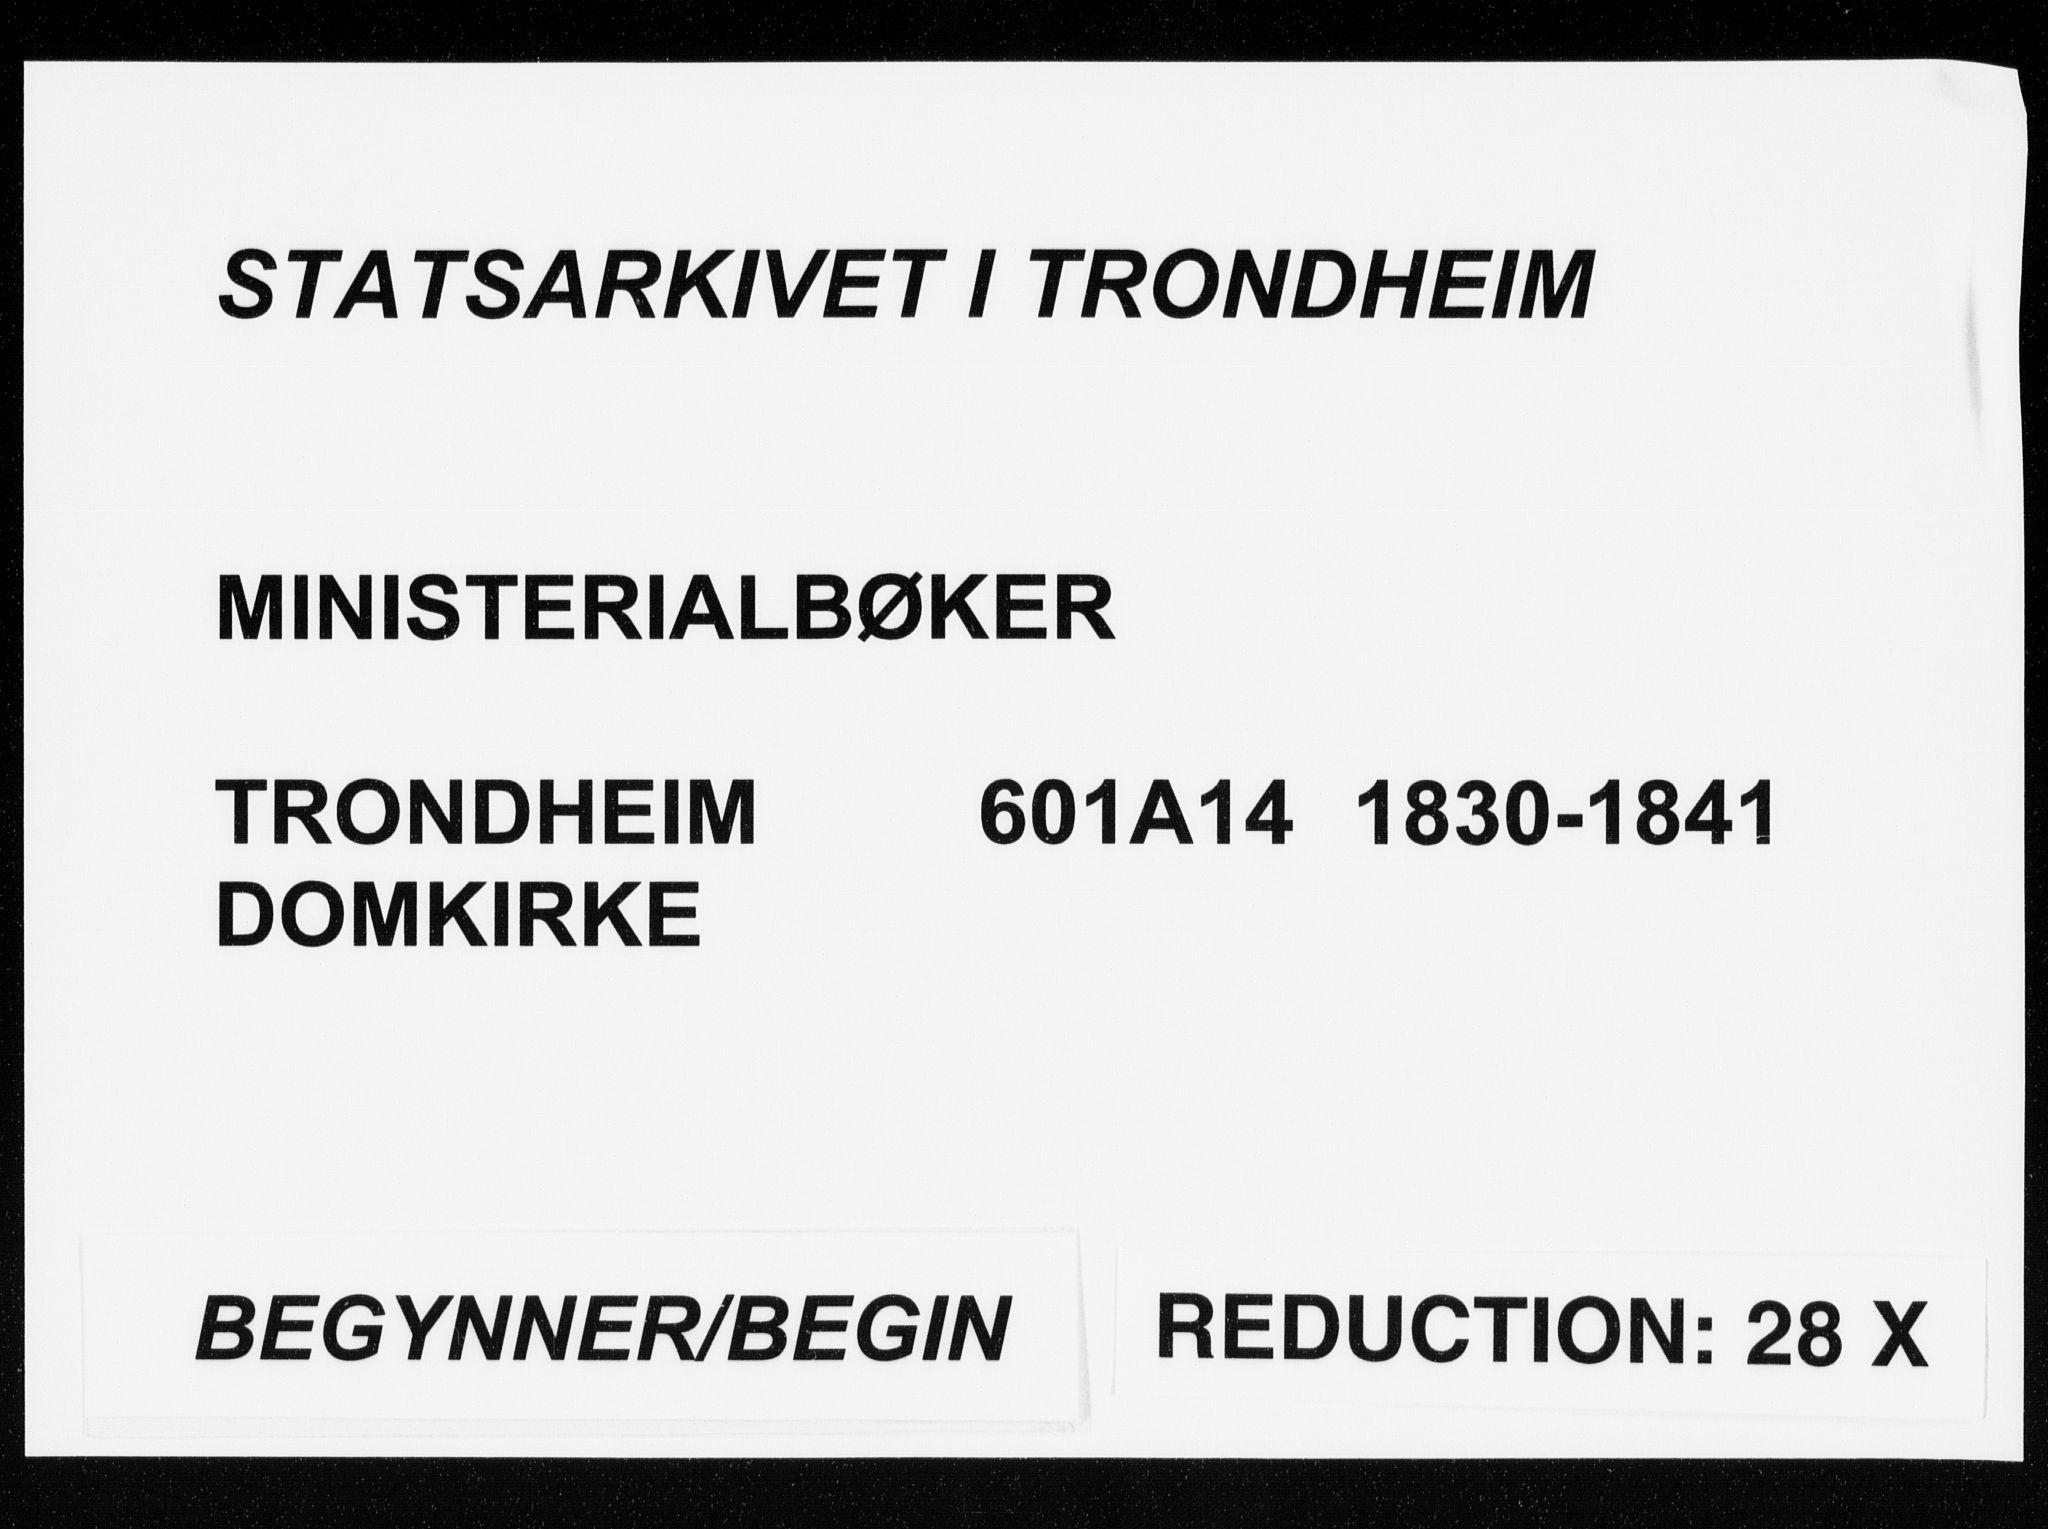 SAT, Ministerialprotokoller, klokkerbøker og fødselsregistre - Sør-Trøndelag, 601/L0046: Ministerialbok nr. 601A14, 1830-1841